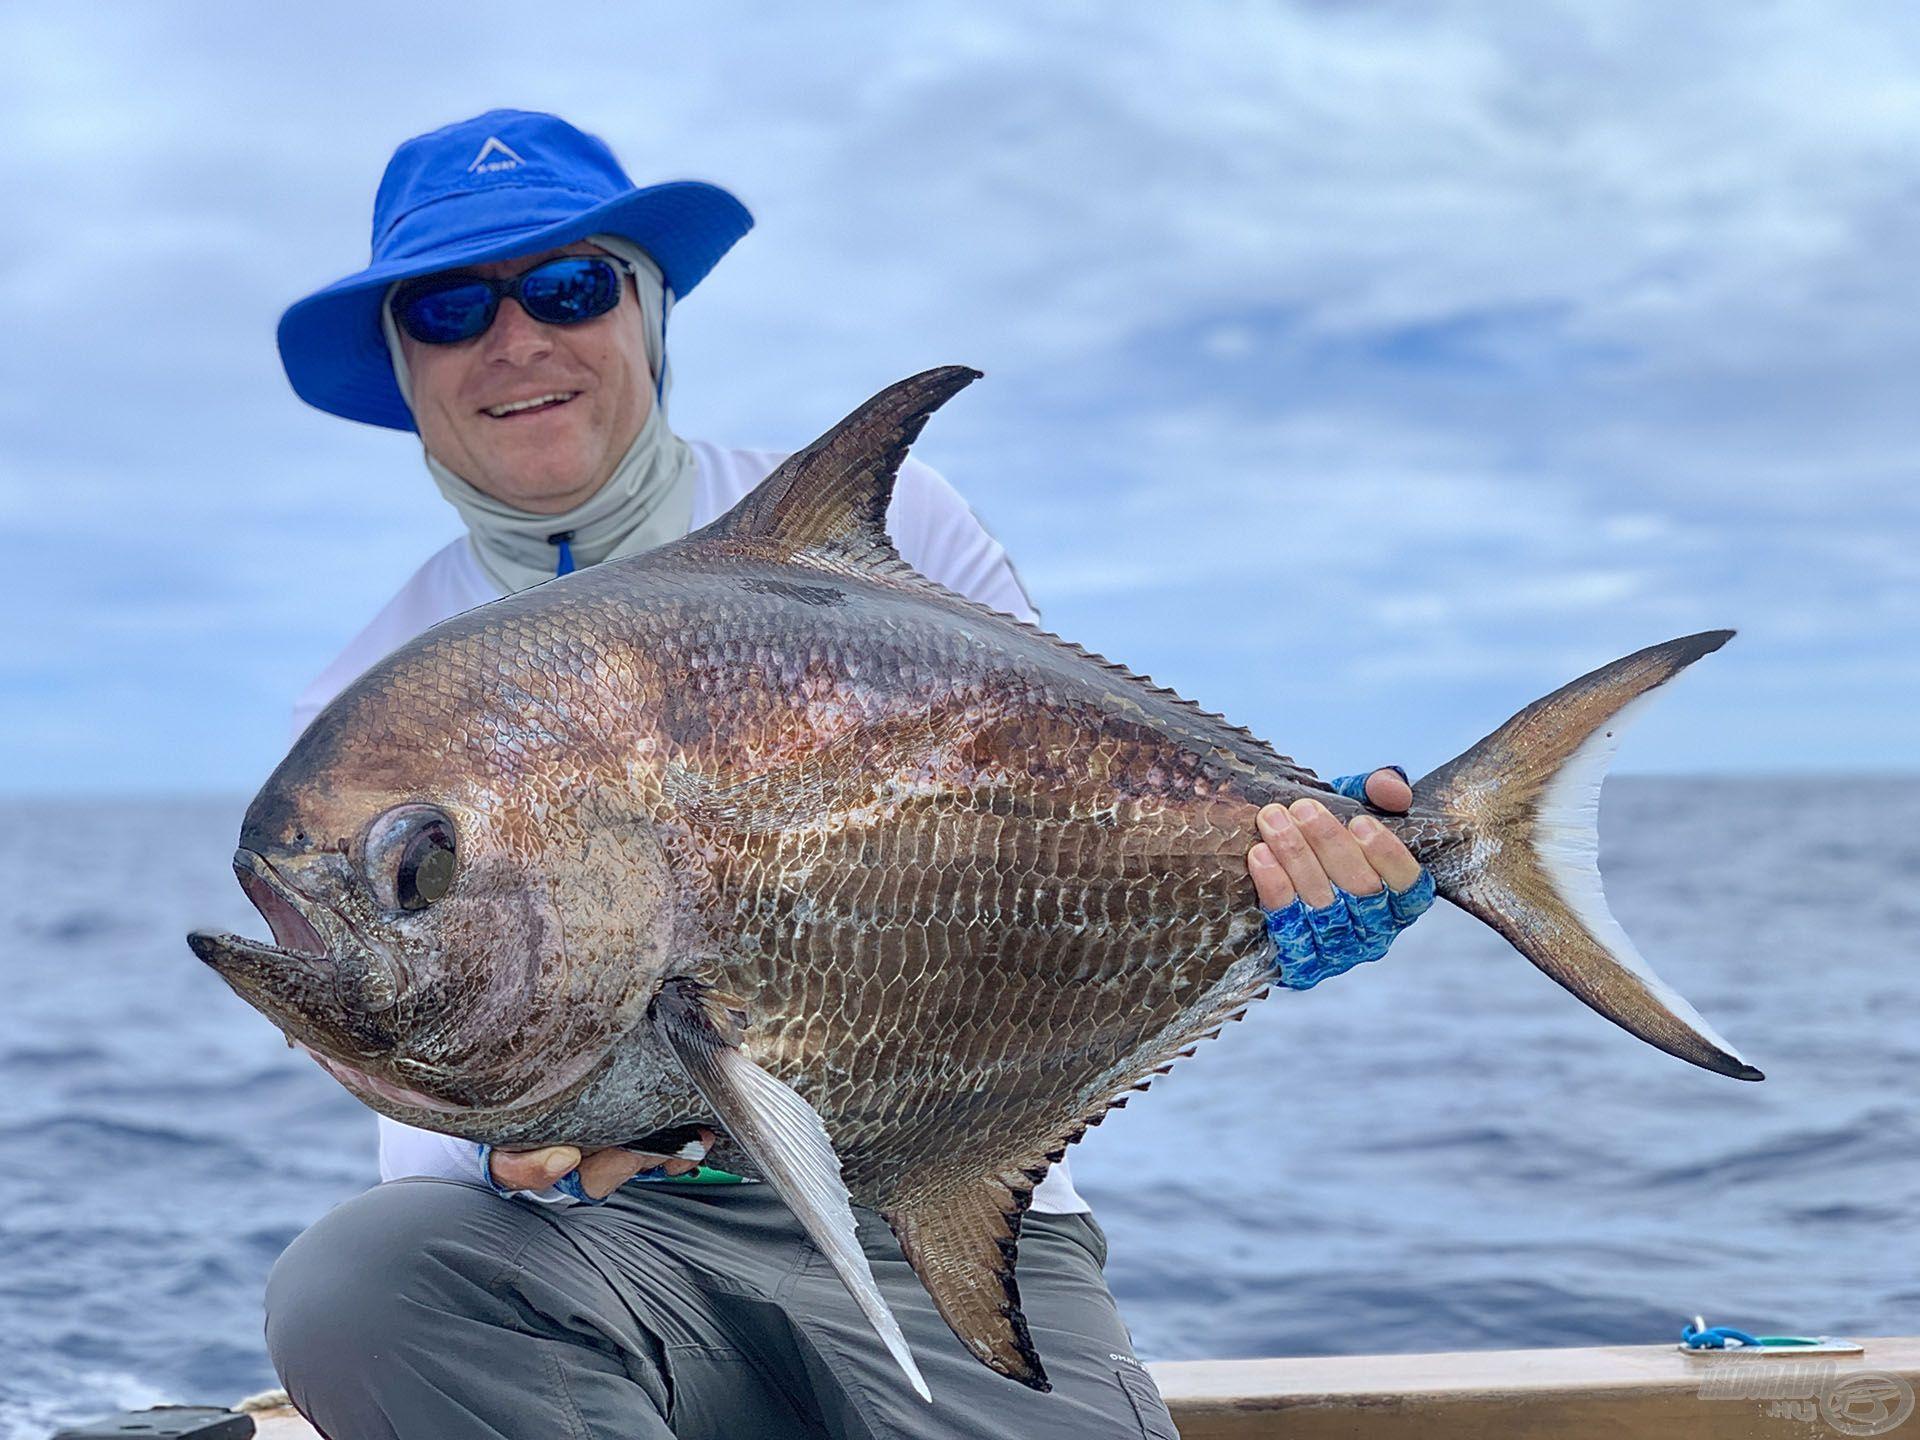 Egy újabb különleges mélytengeri hal: big-scale pomfret